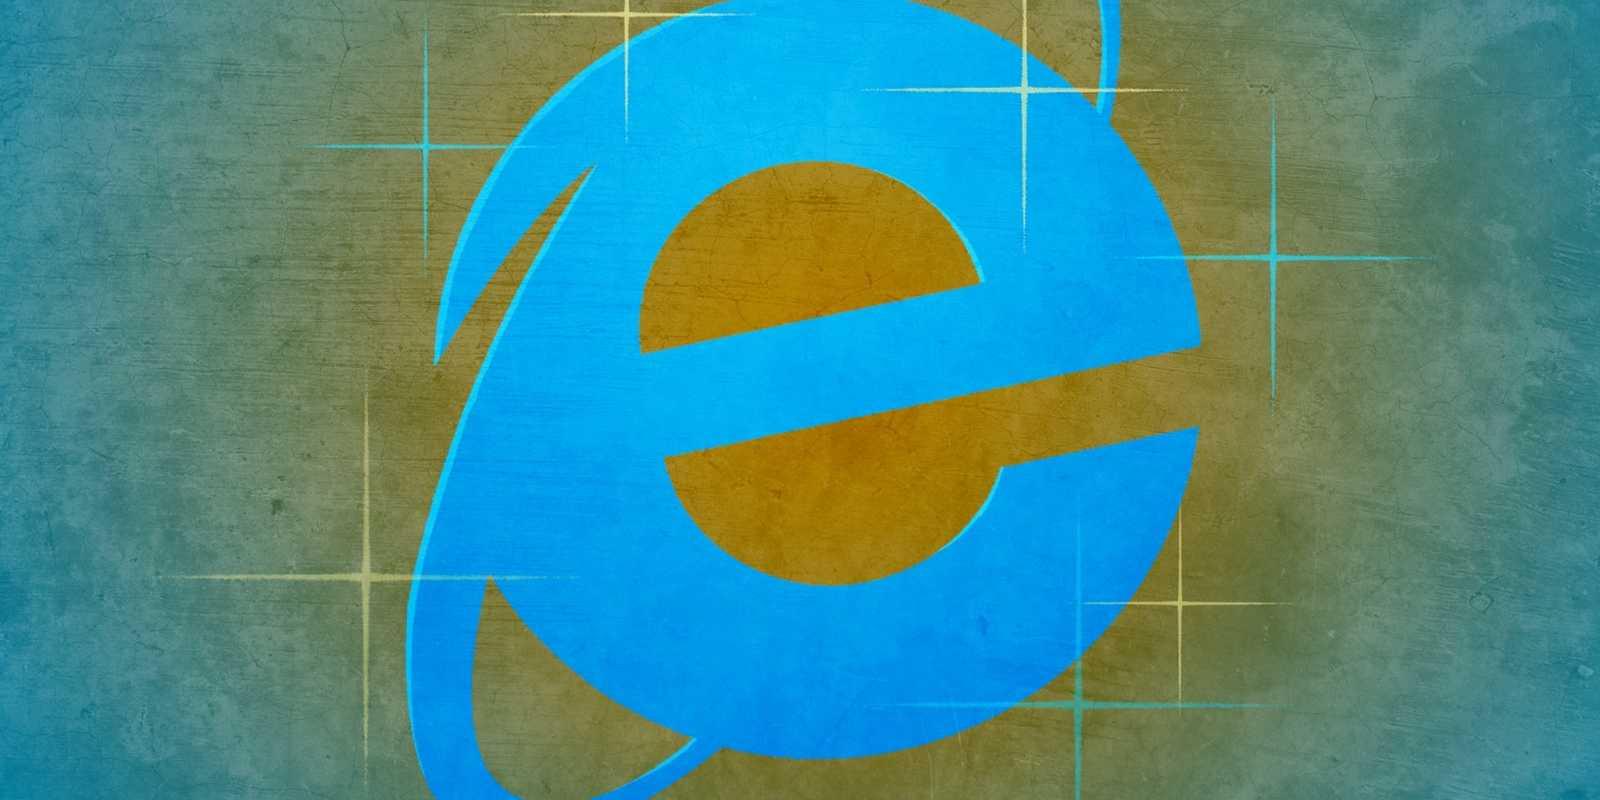 Logotipo del navegador Internet Explorer, propiedad de Microsoft.